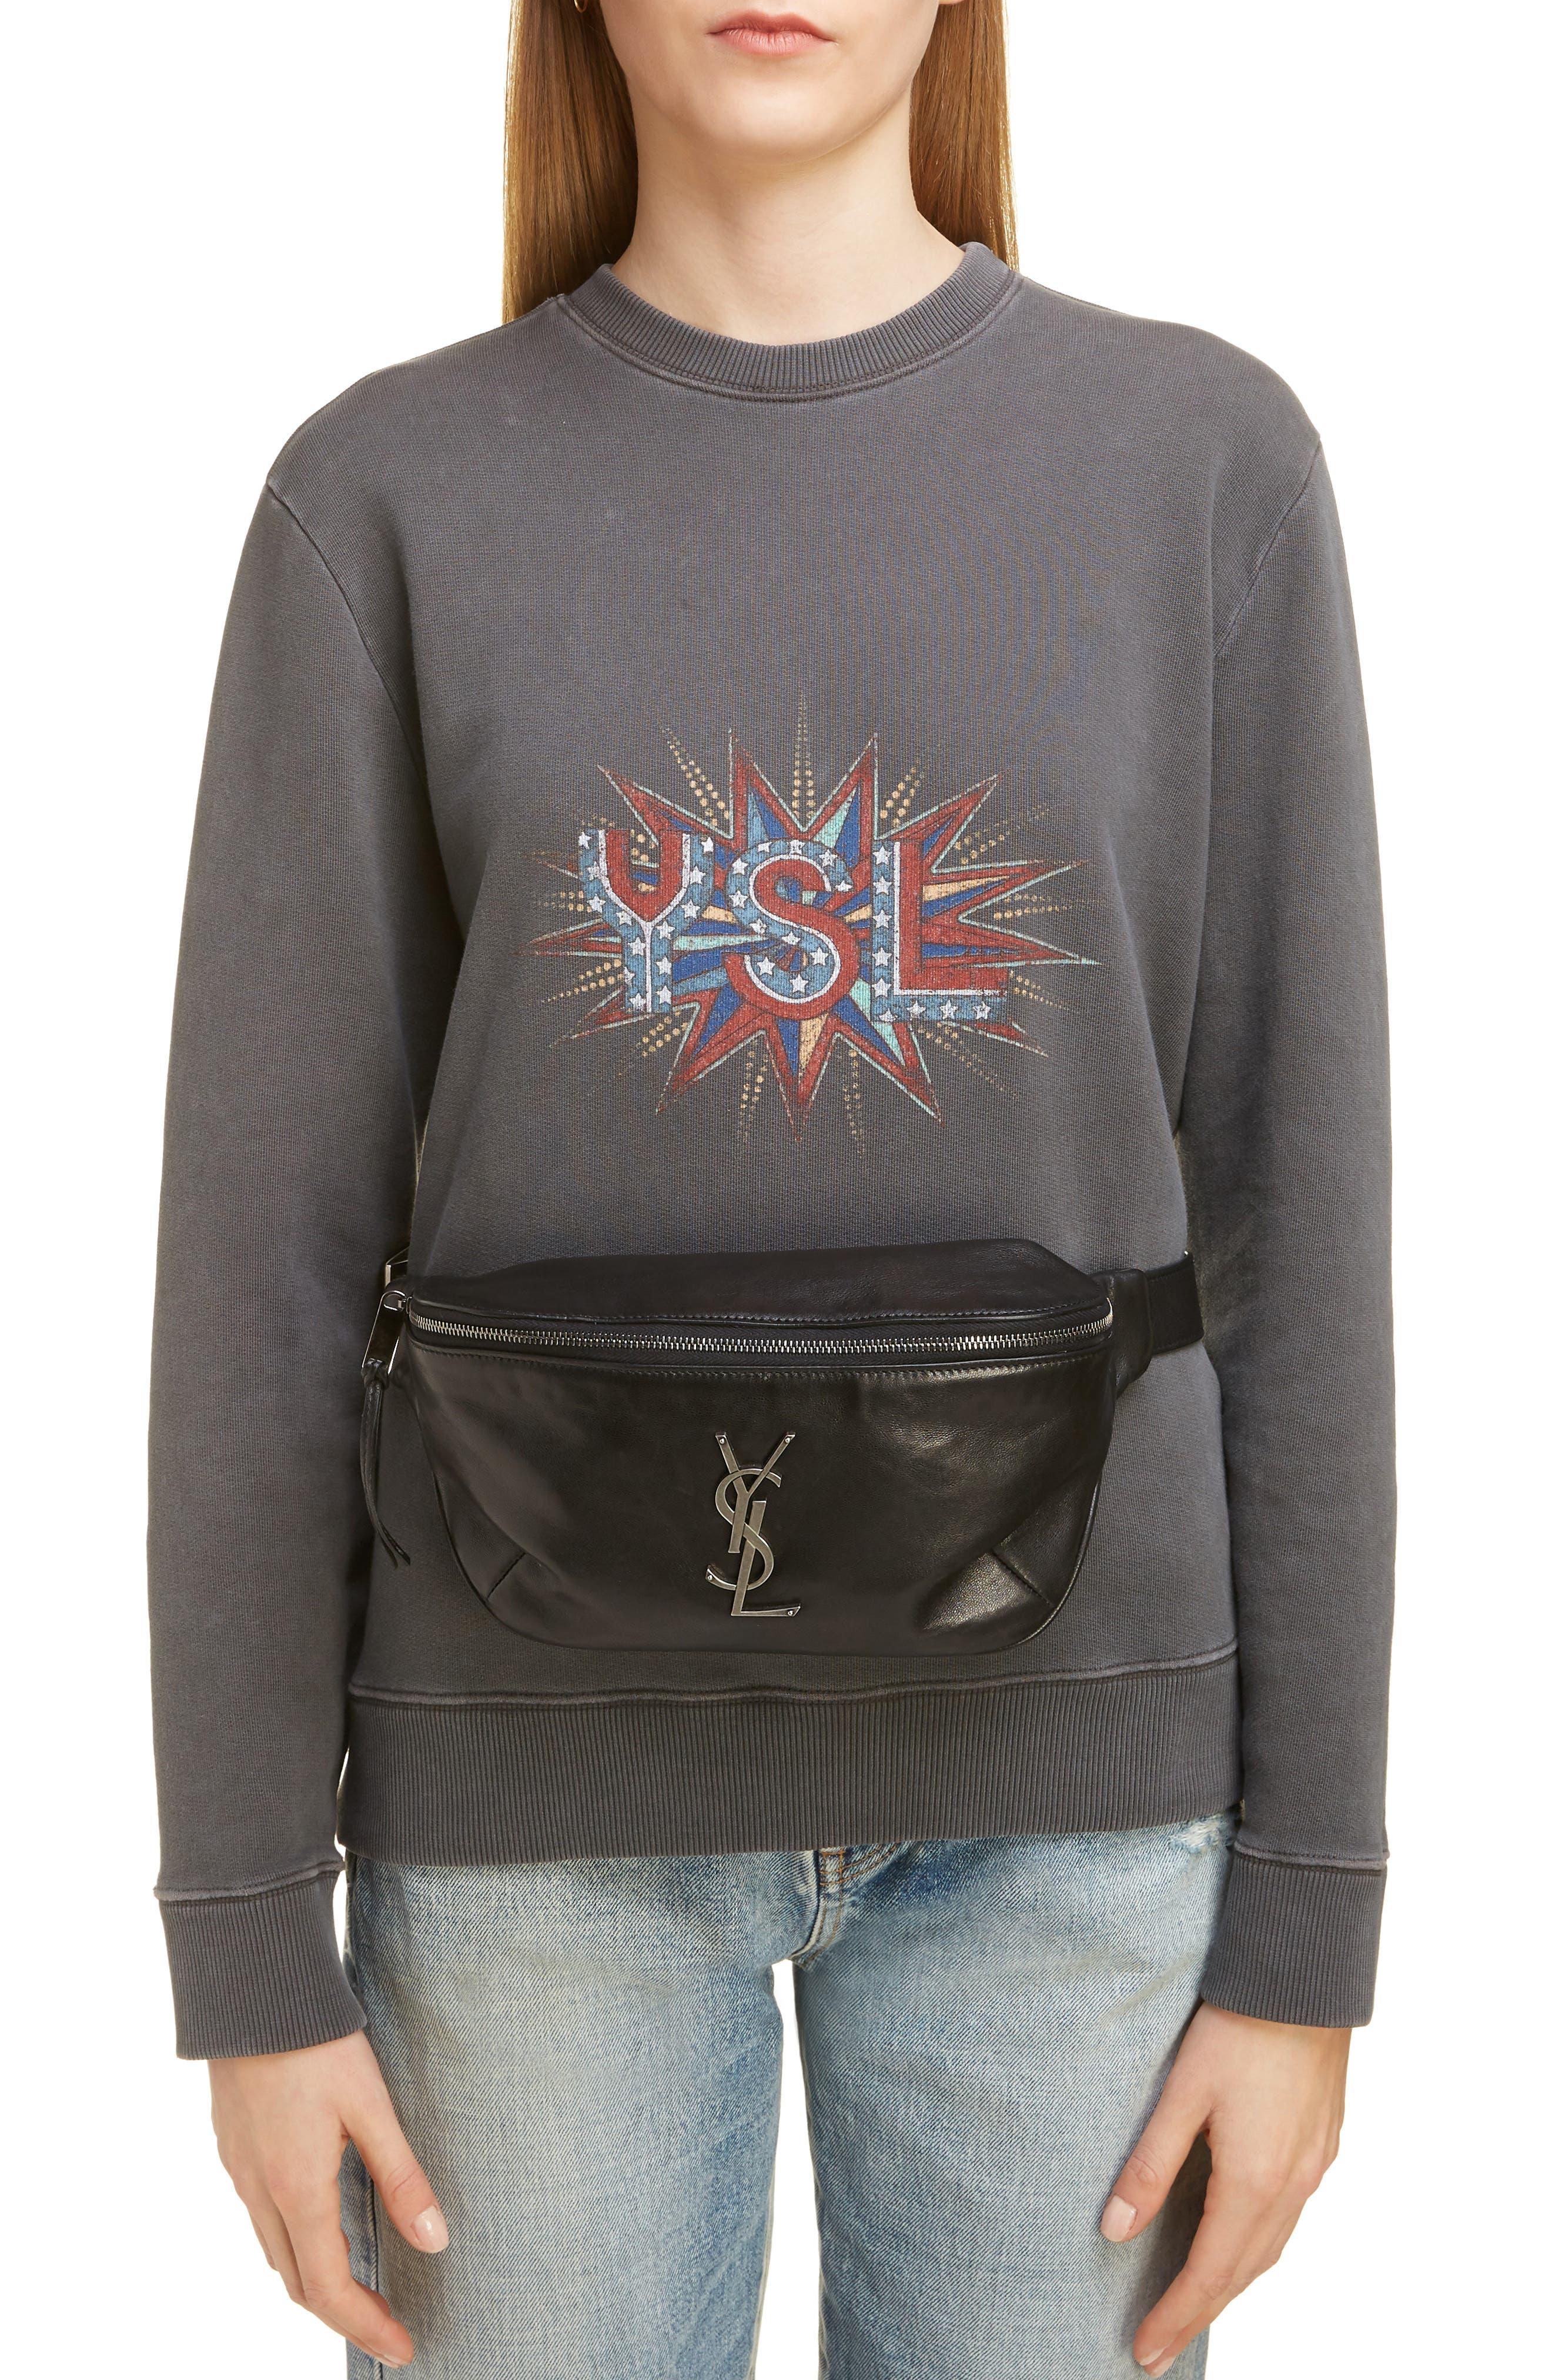 SAINT LAURENT, Leather Belt Bag, Main thumbnail 1, color, NOIR